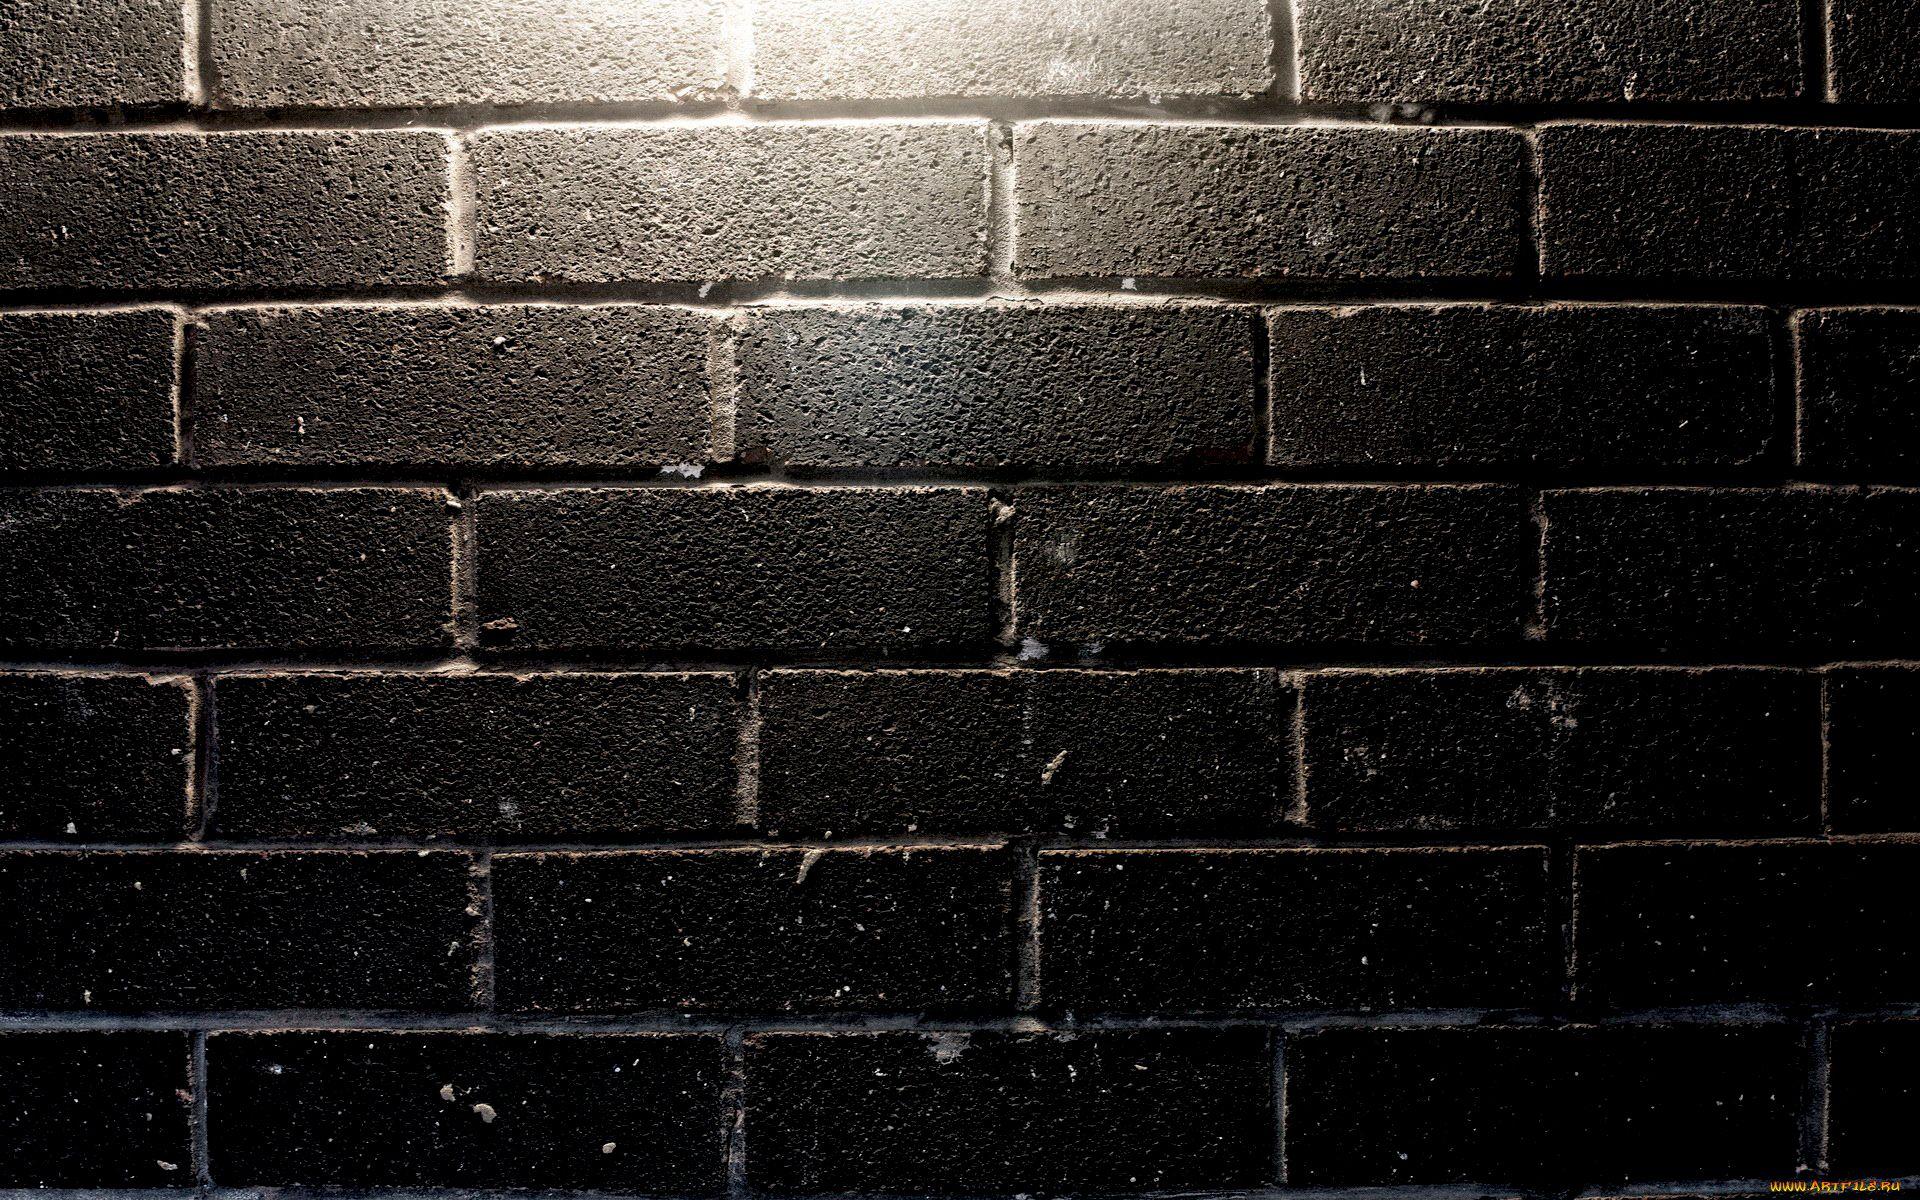 Black Brick Wall Background Hd Wallpaper 1920x1200